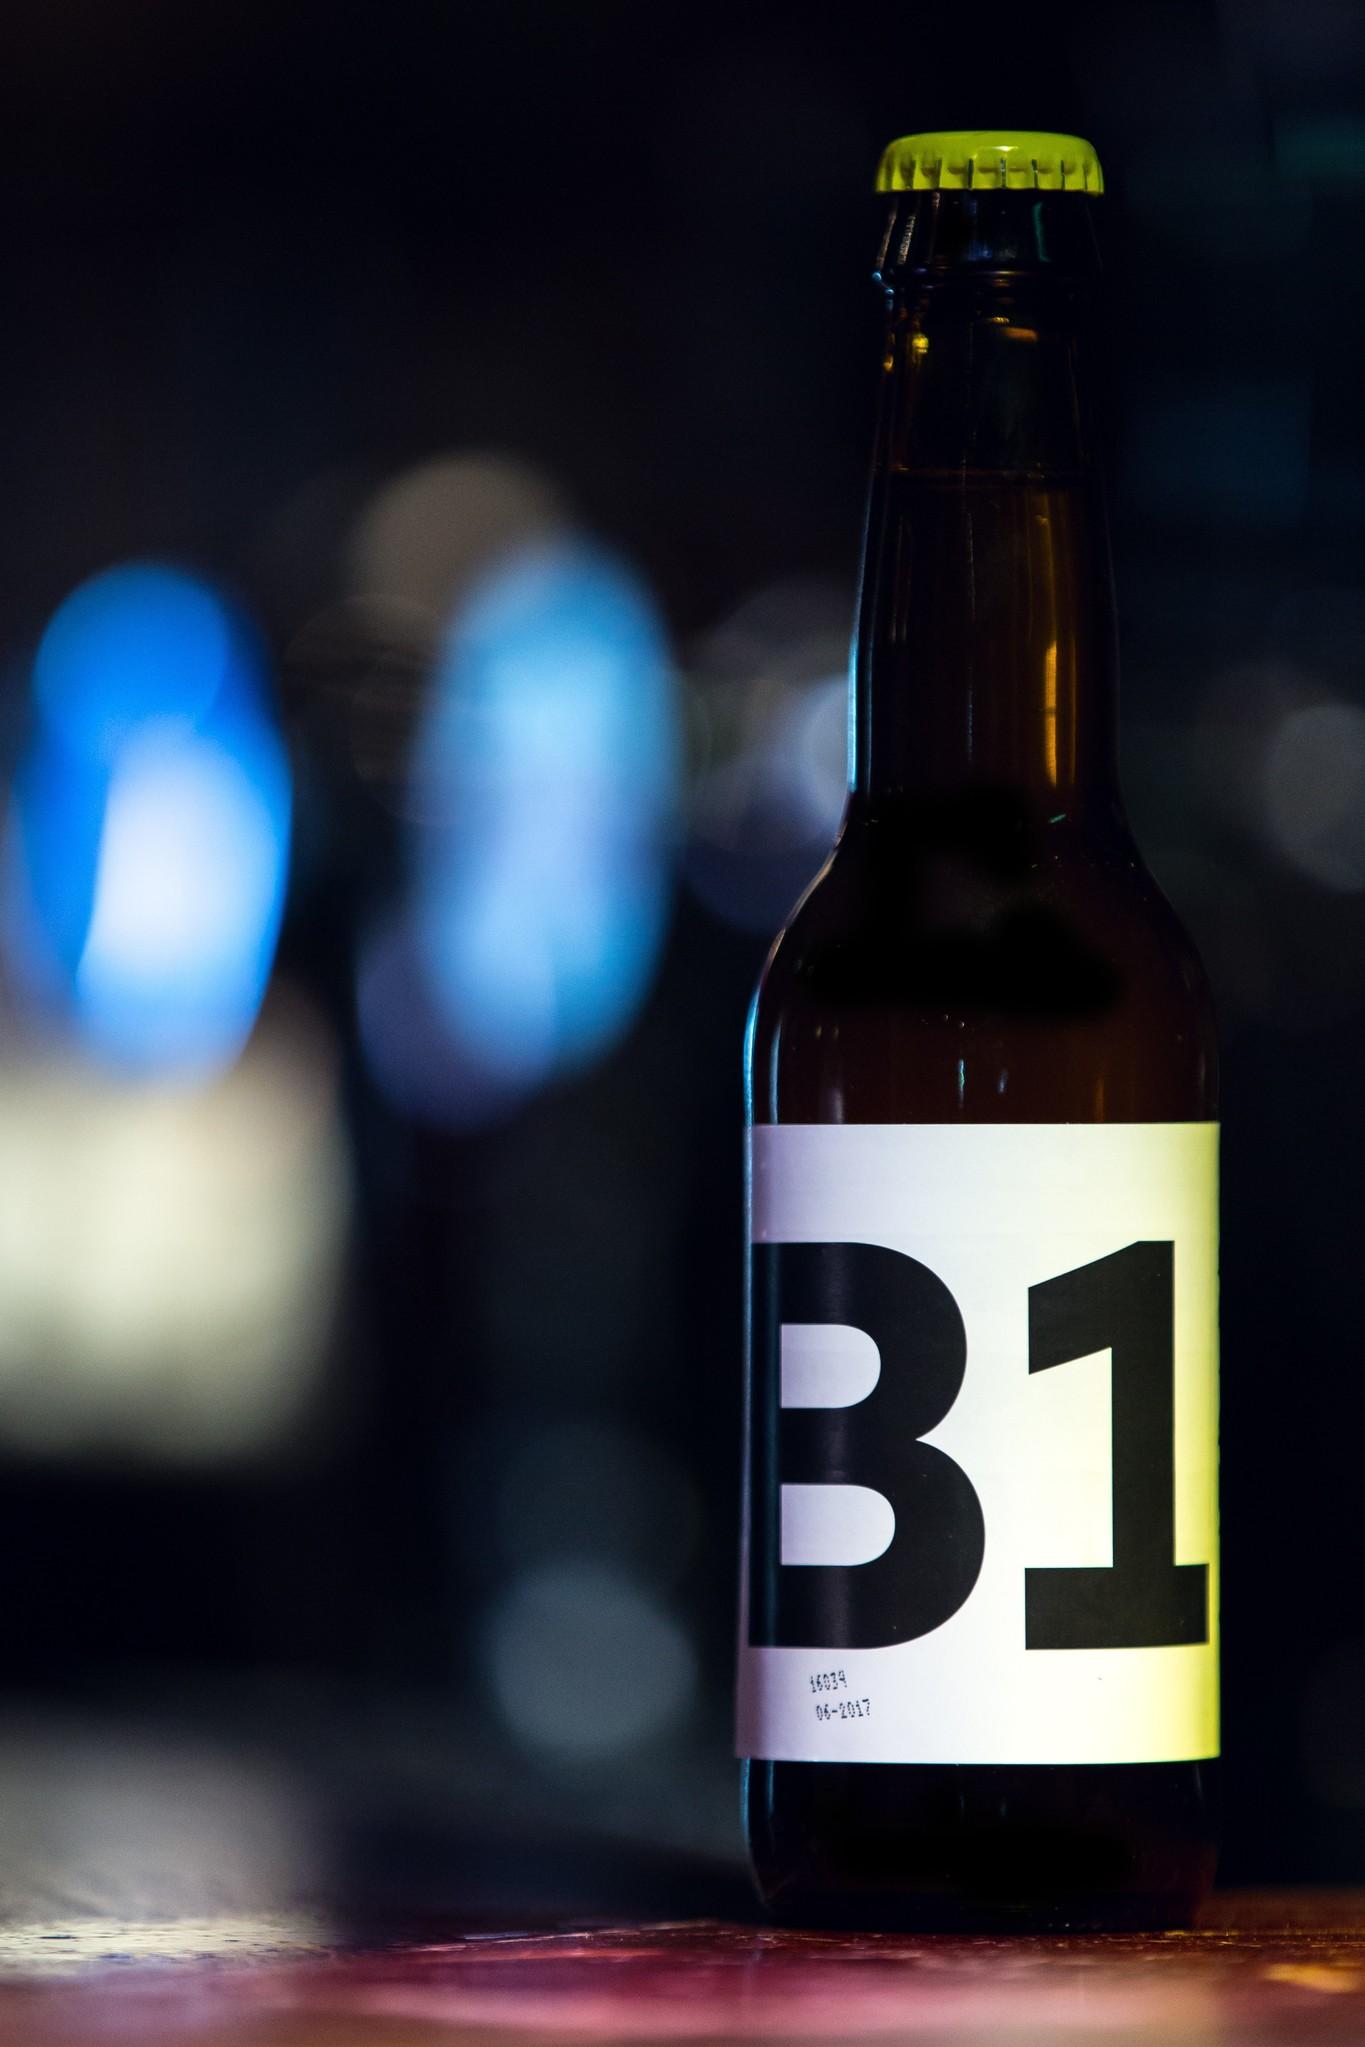 B1 Witbier Herkomst: Purmerend, Nederland Dorstlessend witbier van Brouwerij Berging uit Purmerend. Dit troebele witbier heeft een smakencombinatie van citrus, radijsjes en koriander. Brouwerij Berging heeft als missie om ambacht uit te dragen. Zij willen innoveren in biersmaken en brouwproces-sen. Bij het uitproberen van nieuwe biersoorten gaat er natuurlijk wel eens iets mis. Wat leuk is van deze brouwerij is dat zij dit niet zelf opdrinken of weggooien. Nee, zij destilleren het en maken er een eigen gin van. Deze mannen zijn goed bezig om de verspilling tegen te gaan. B1 witbier is in ieder geval wel gelukt. Dit bier bevat een alco-holpercentage van 5,1%. Advies serveertemperatuur 4 à 6 graden.